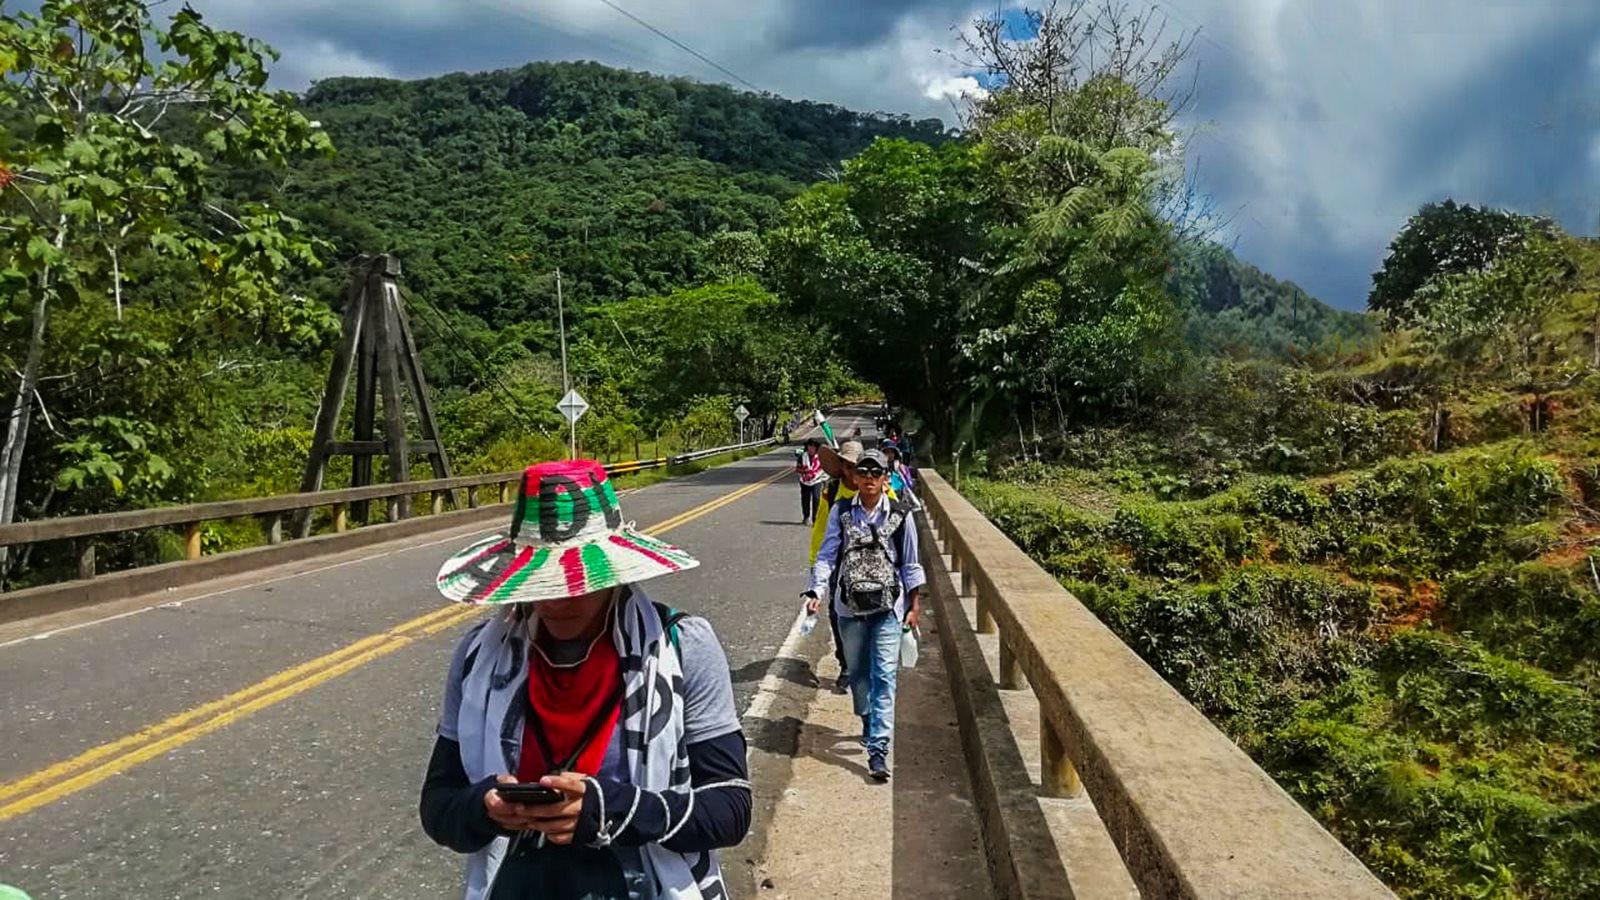 historias/caqueta/estudiantes-de-la-universidad-de-la-amazonia-se-unen-a-marchas-por-la-educacion